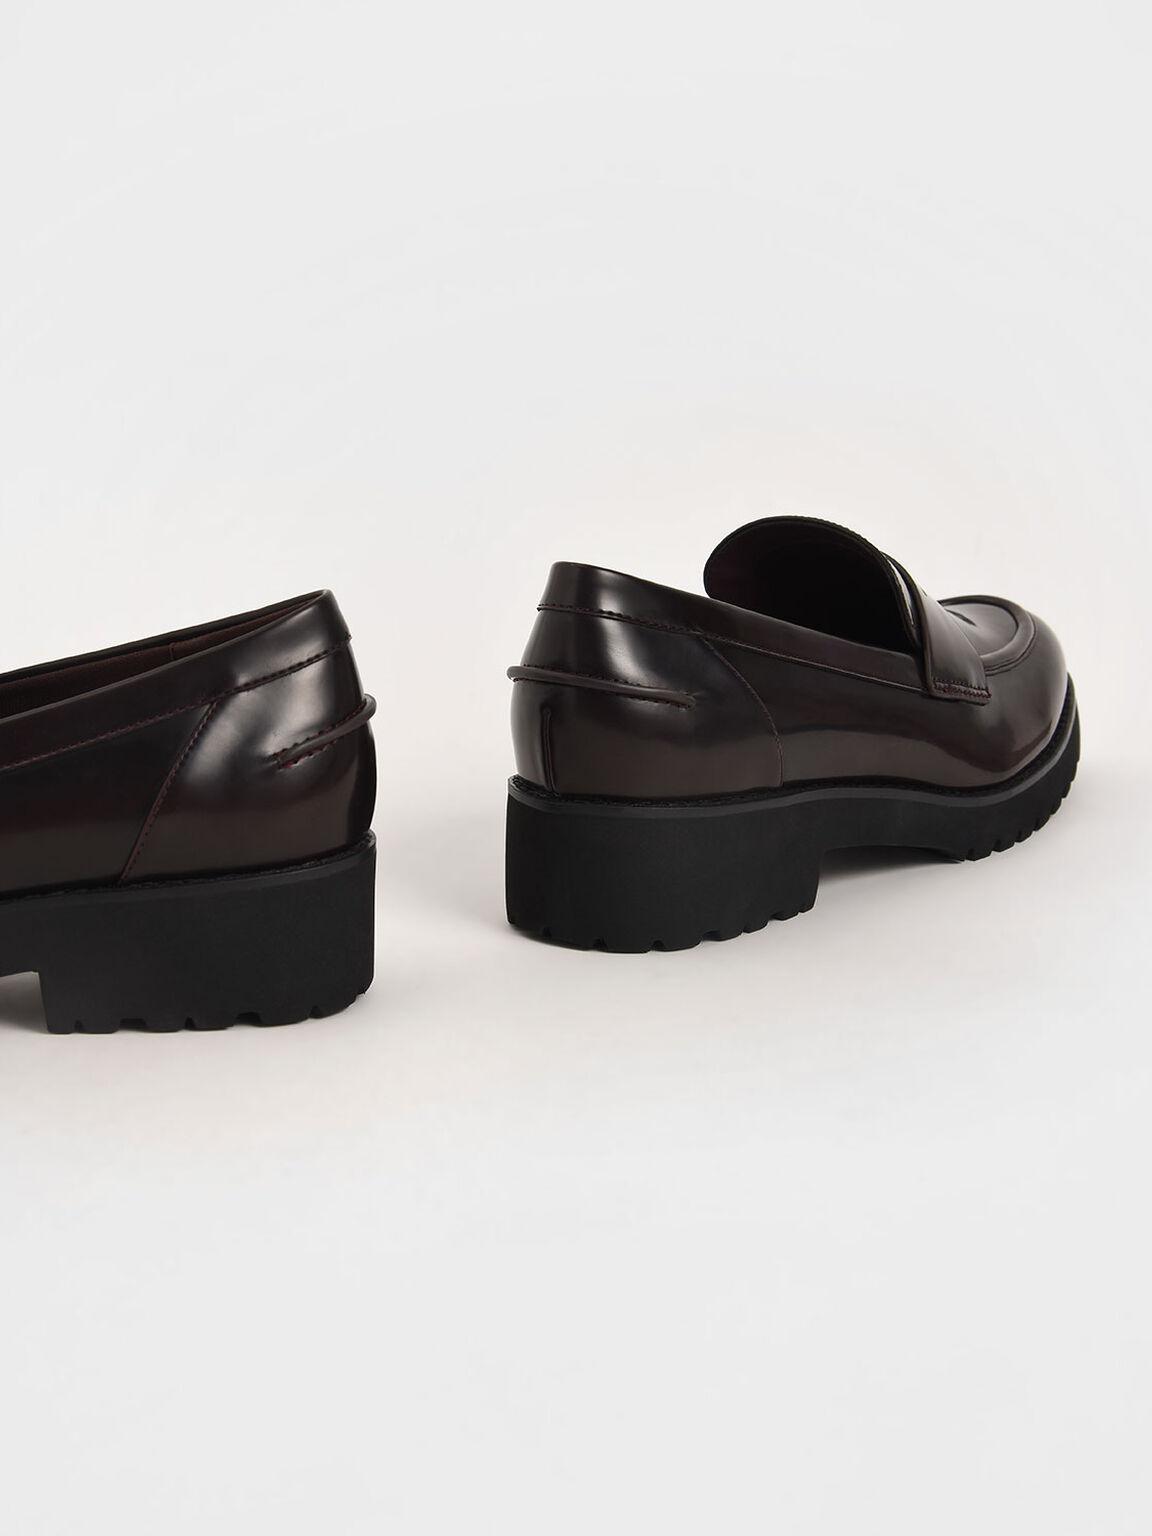 Platform Penny Loafers, Burgundy, hi-res